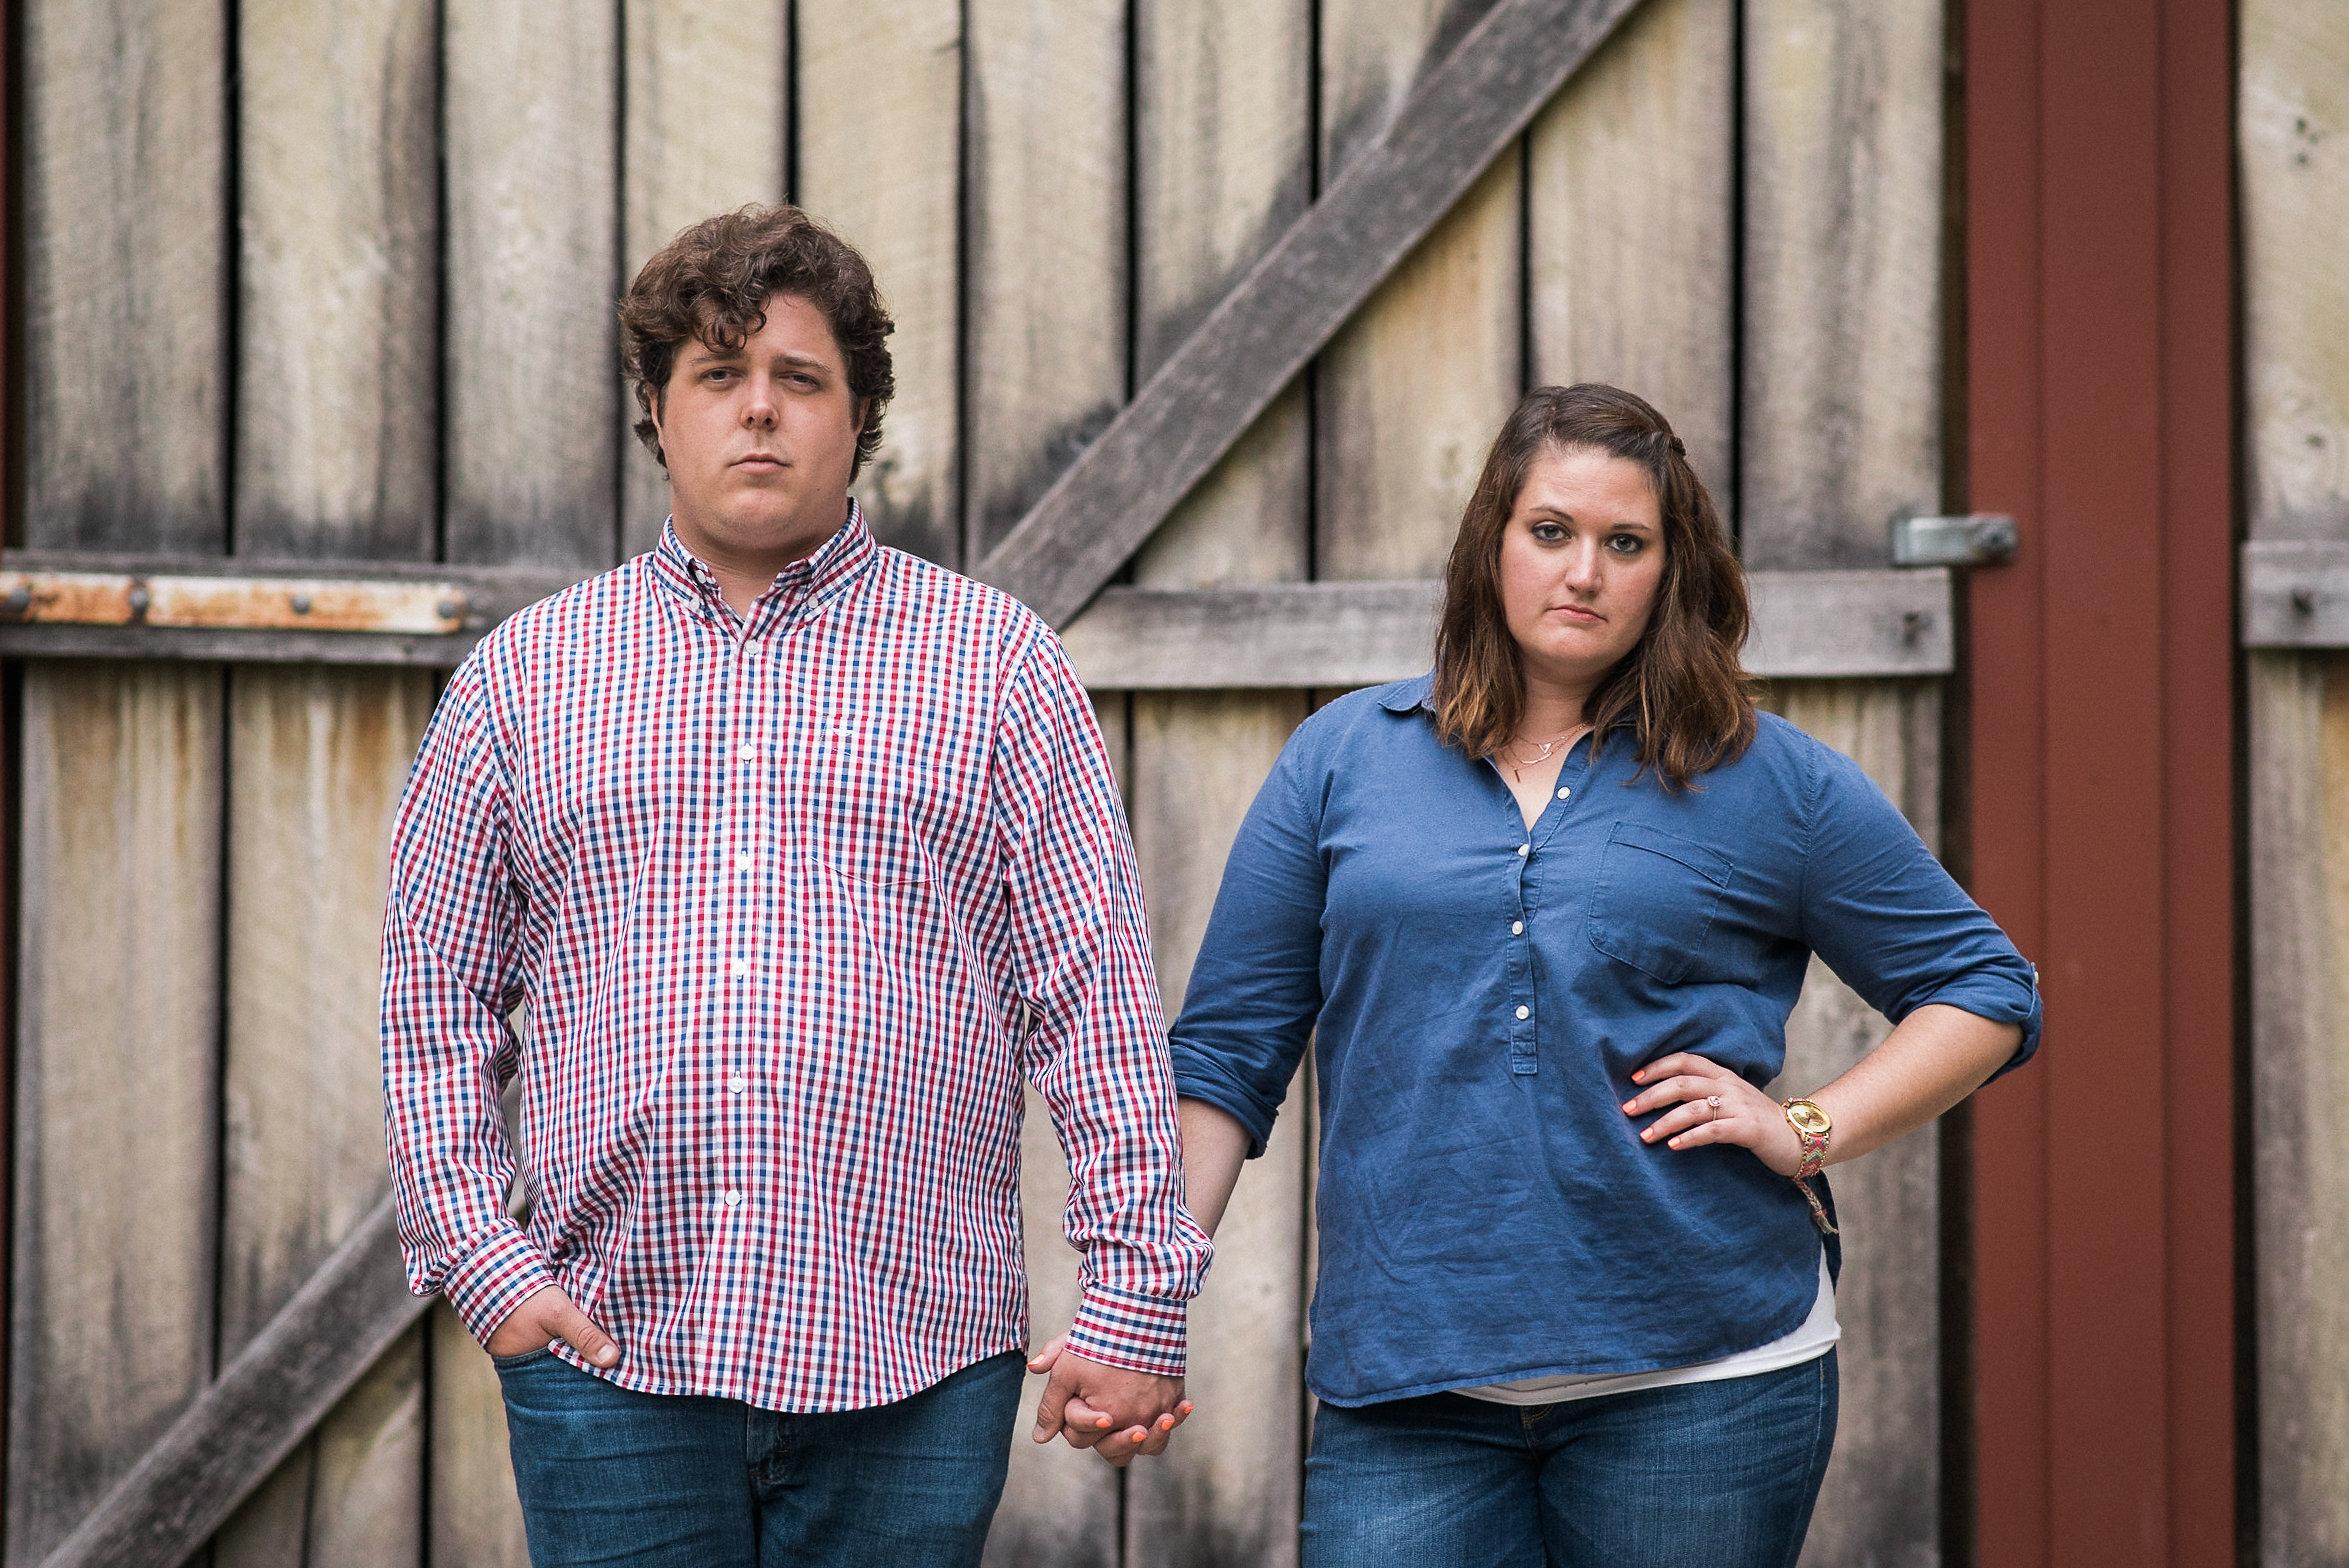 Couple posing in front of wooden door